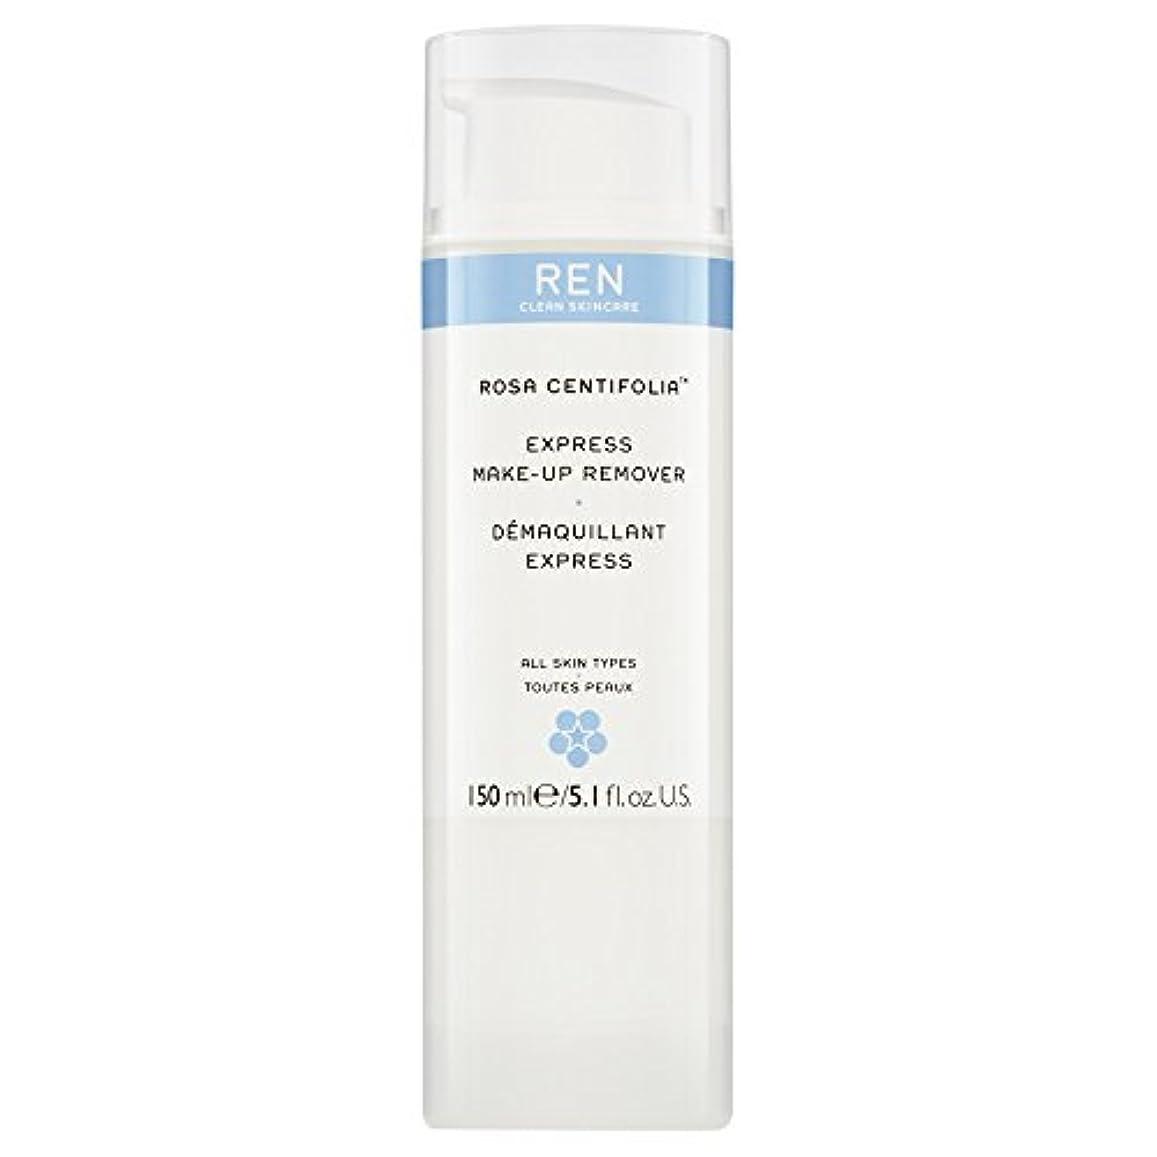 避難パラダイススカイRenローザセンチフォリアバラメイクアップリムーバー150ミリリットル (REN) - REN Rosa Centifolia Makeup Remover 150ml [並行輸入品]